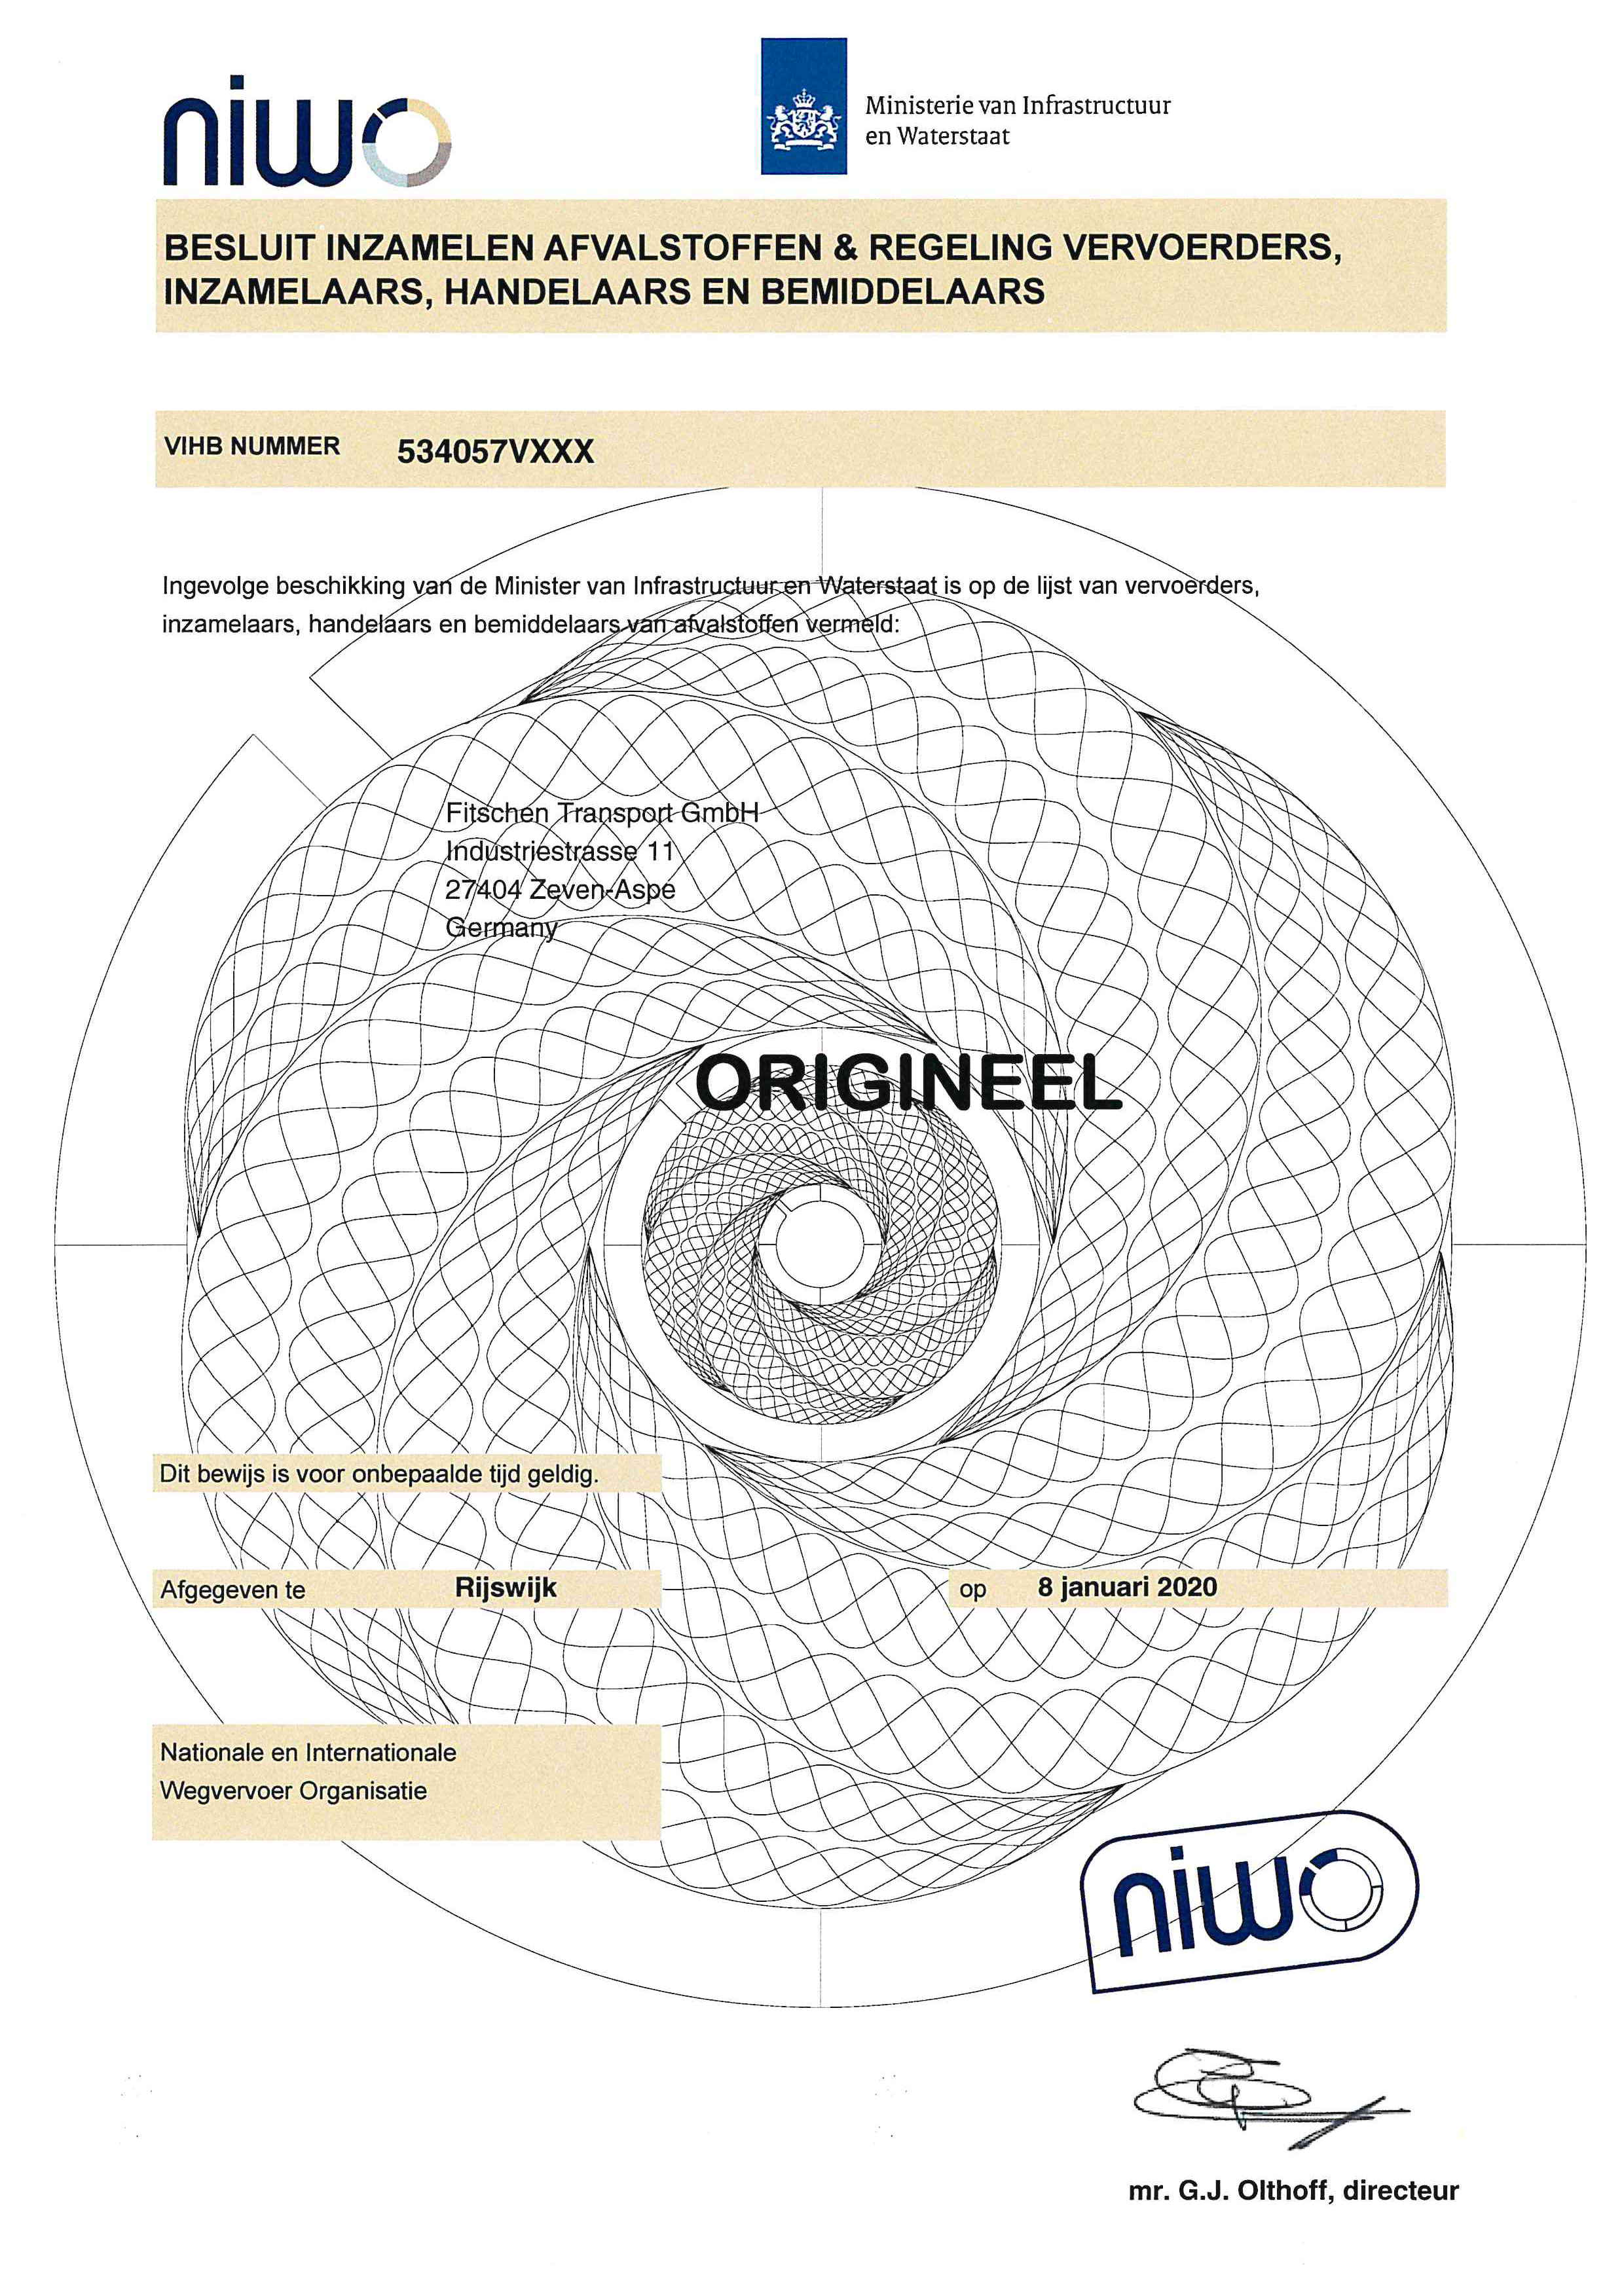 NIWO Fitschen Transport GmbH